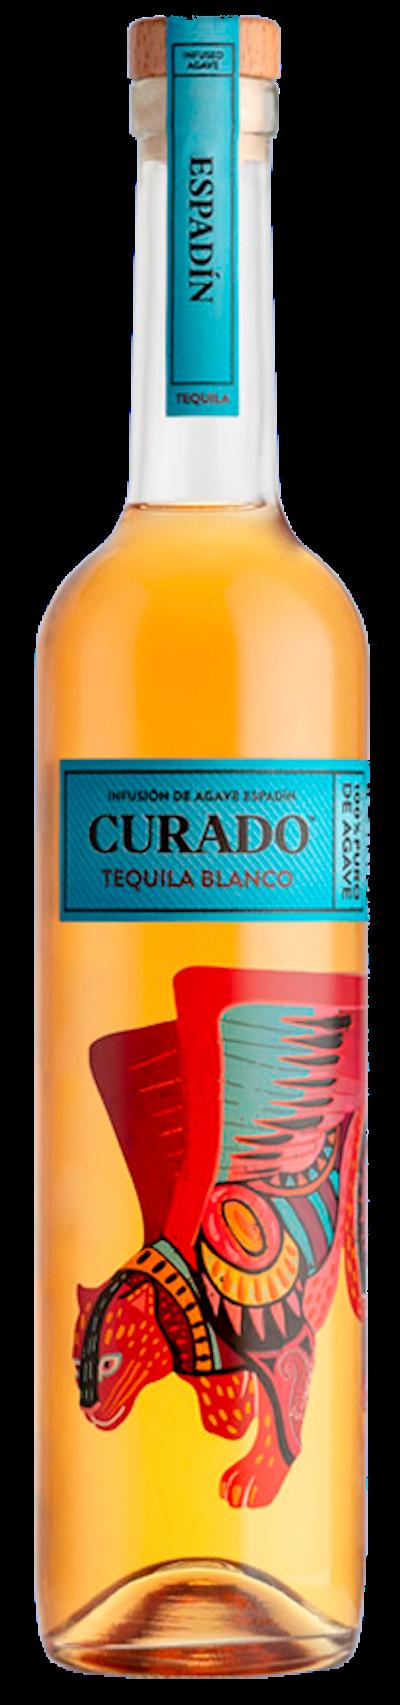 Curado - Espadin Blanco Tequila